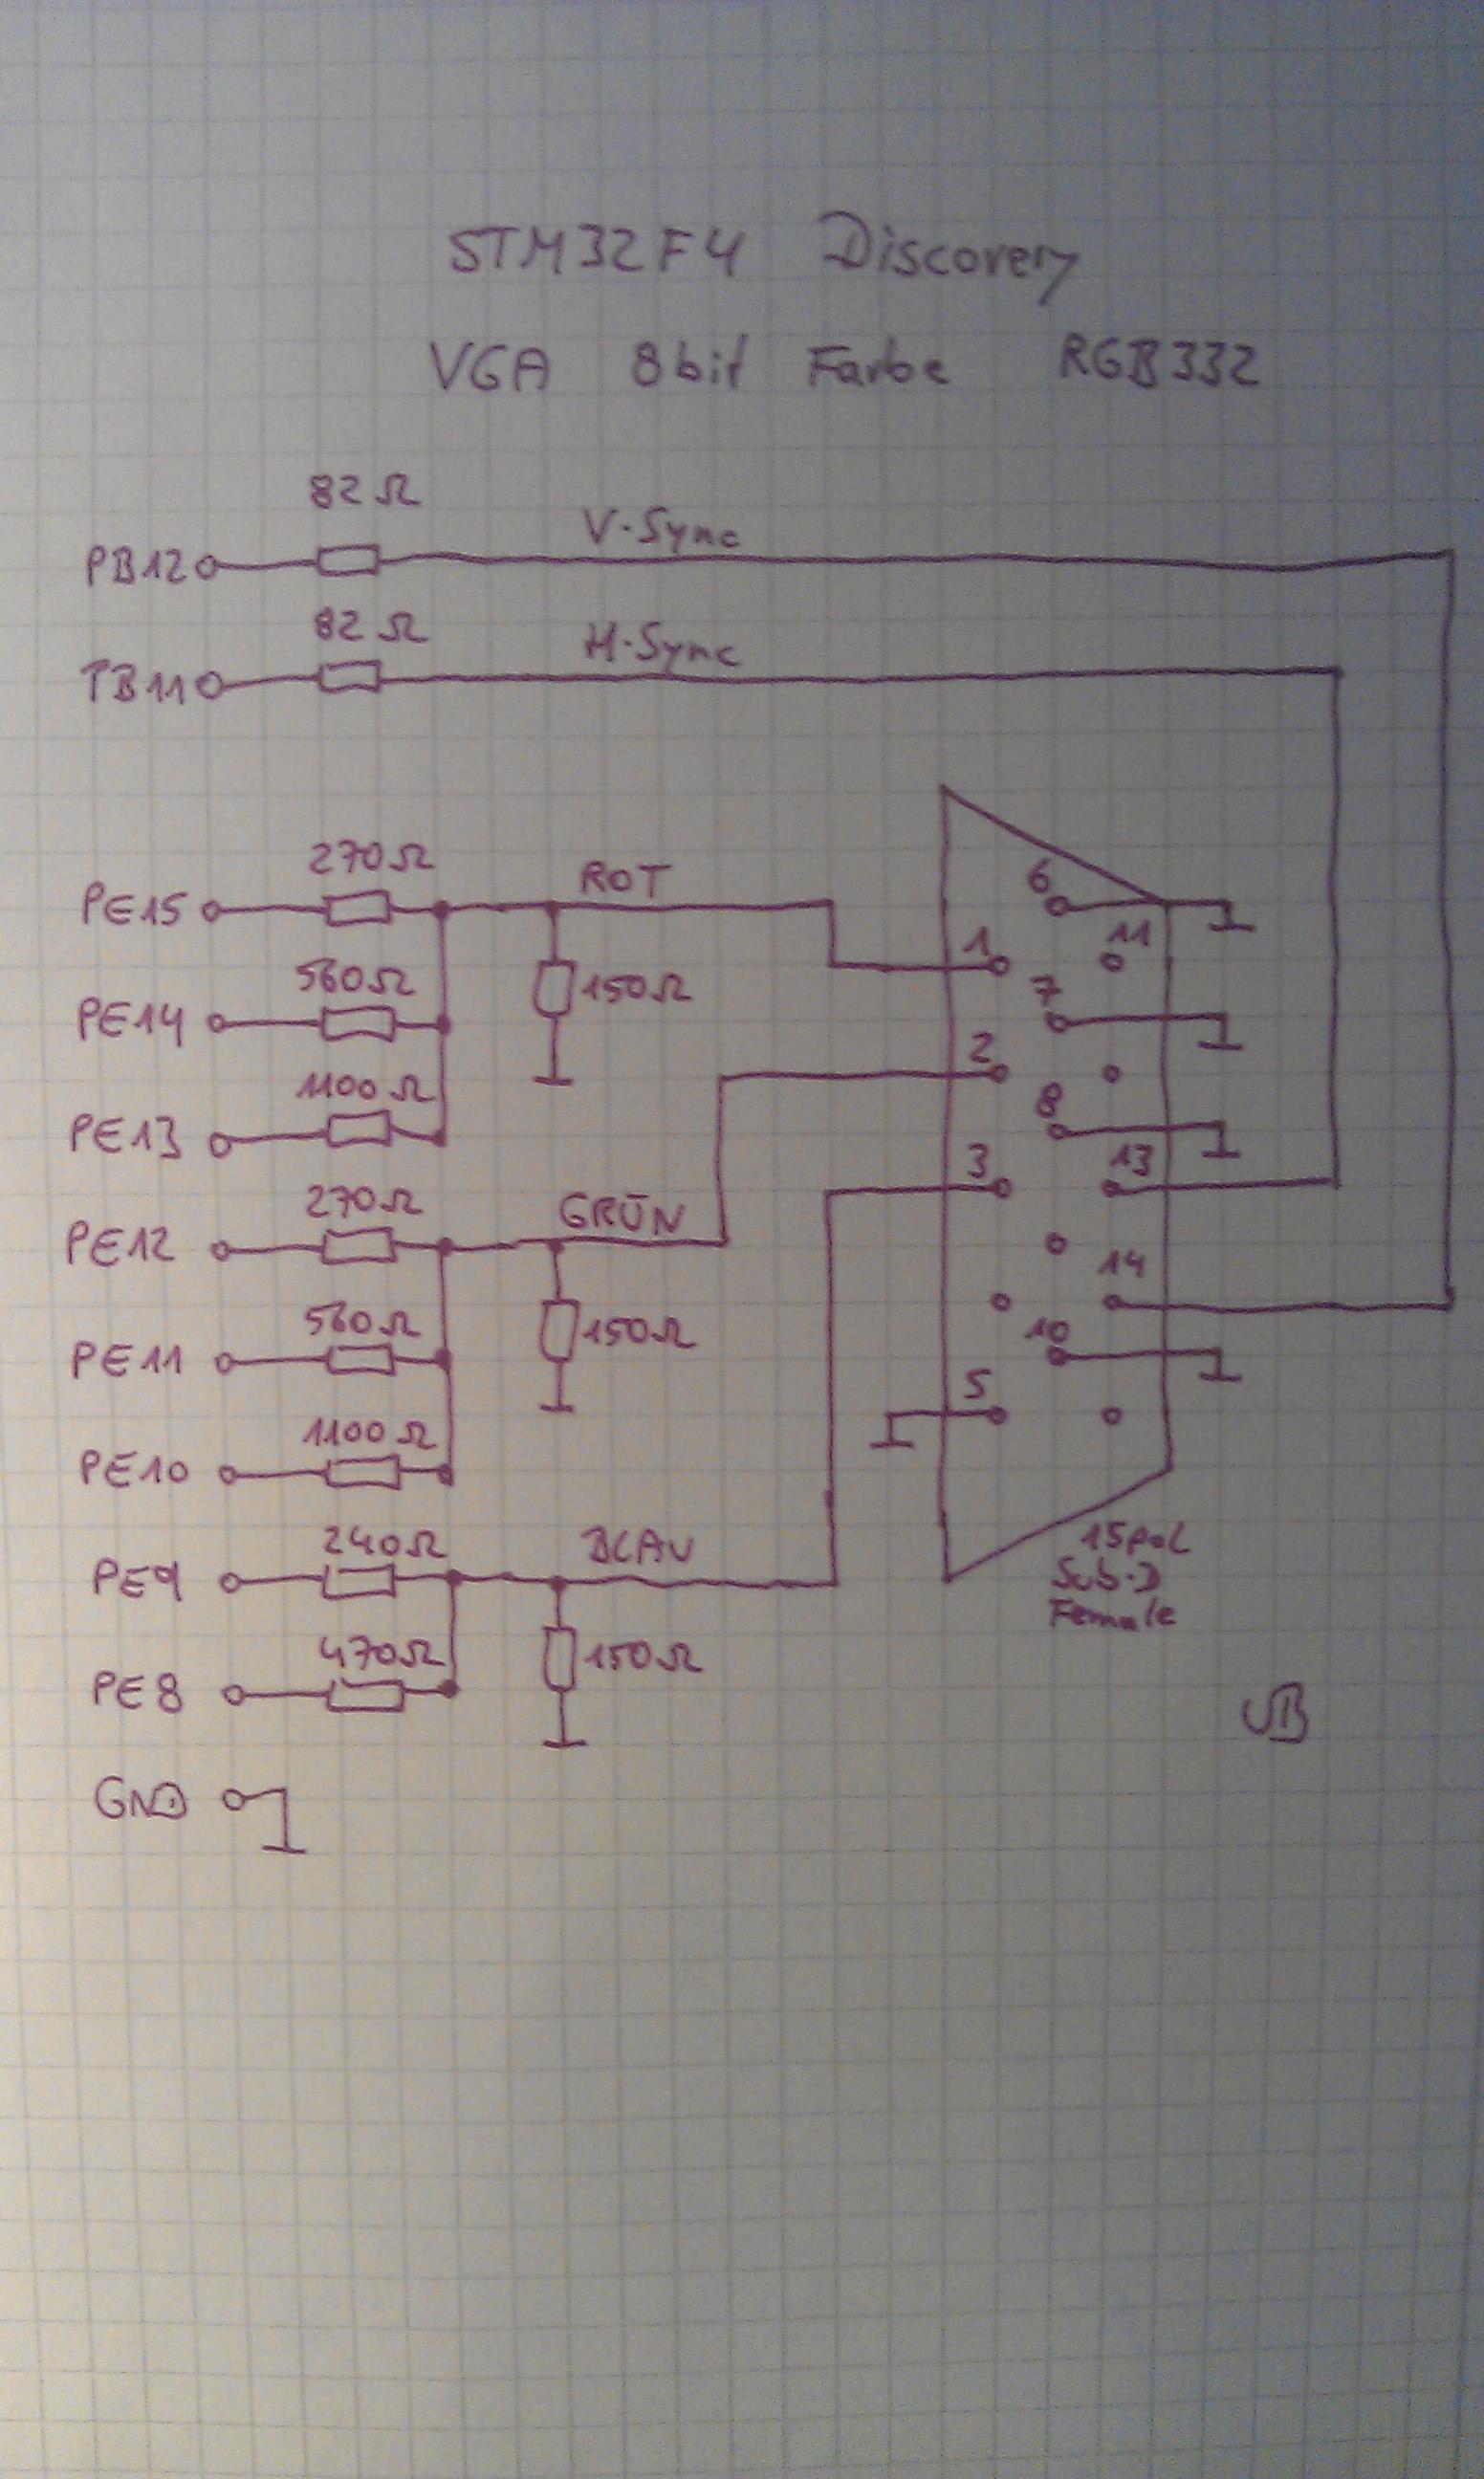 Fantastisch Vga Anschluss Schaltplan Bilder - Elektrische Schaltplan ...